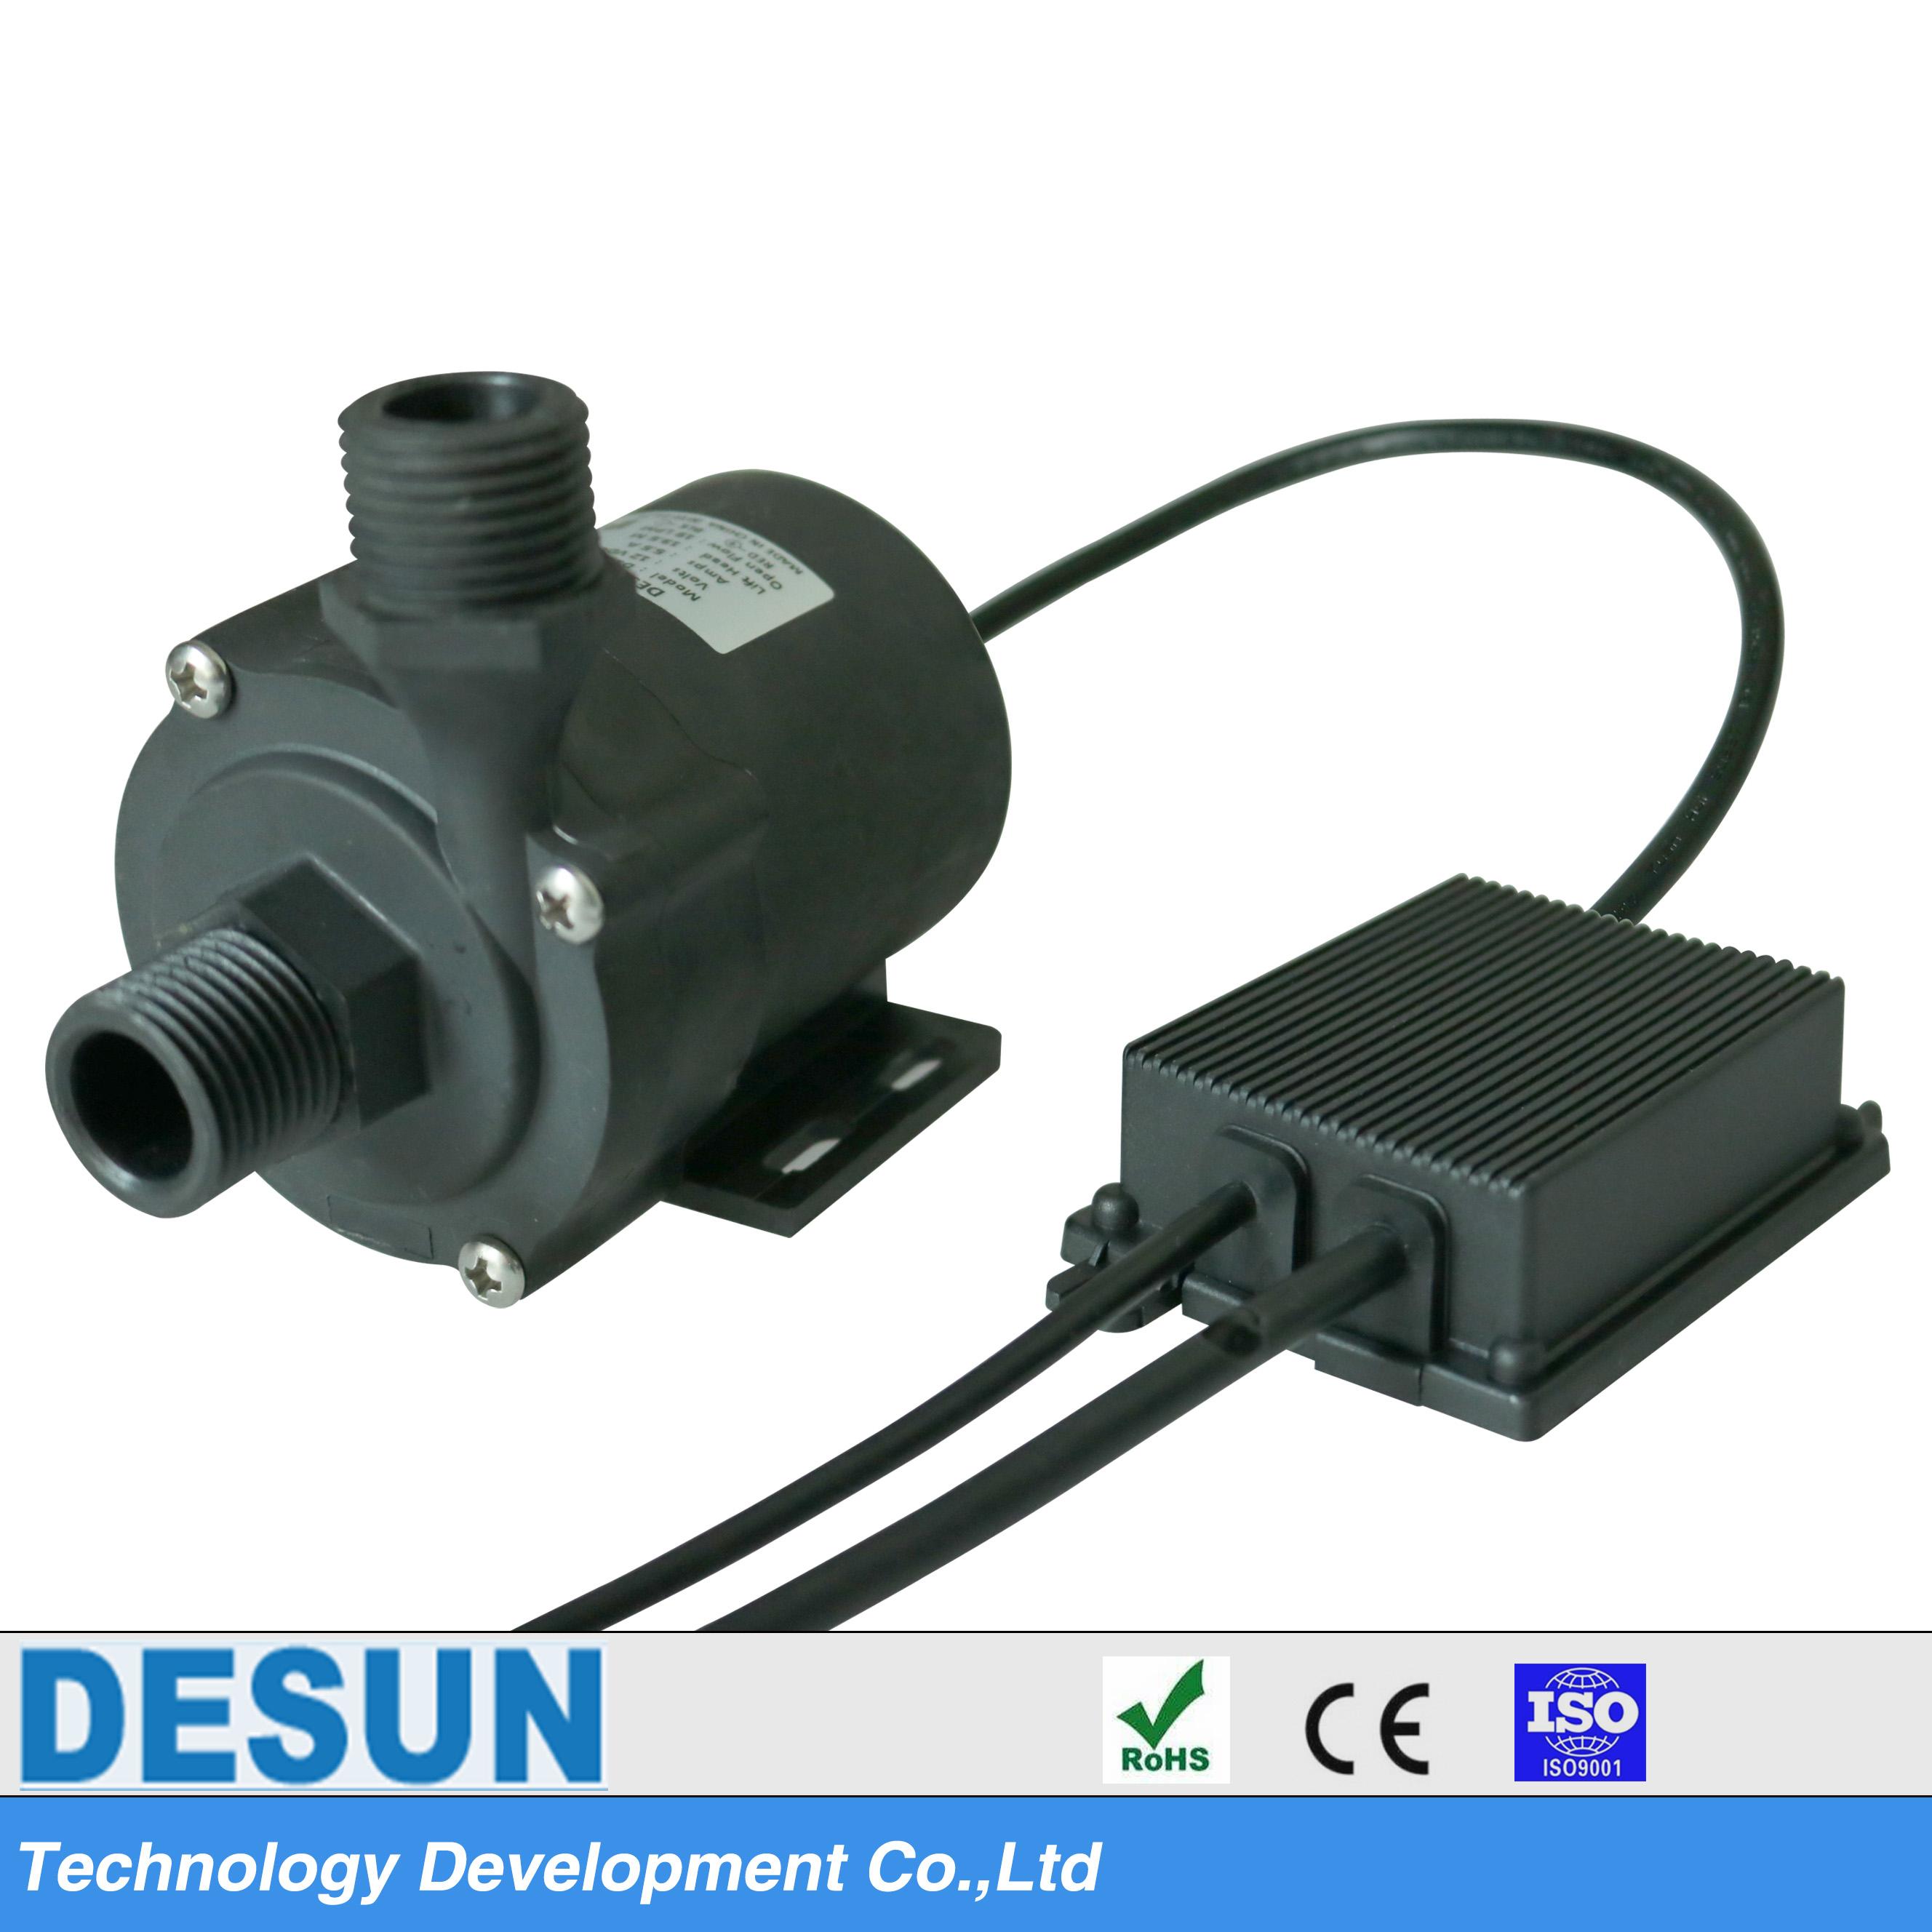 厨卫设备微型水泵DS5004